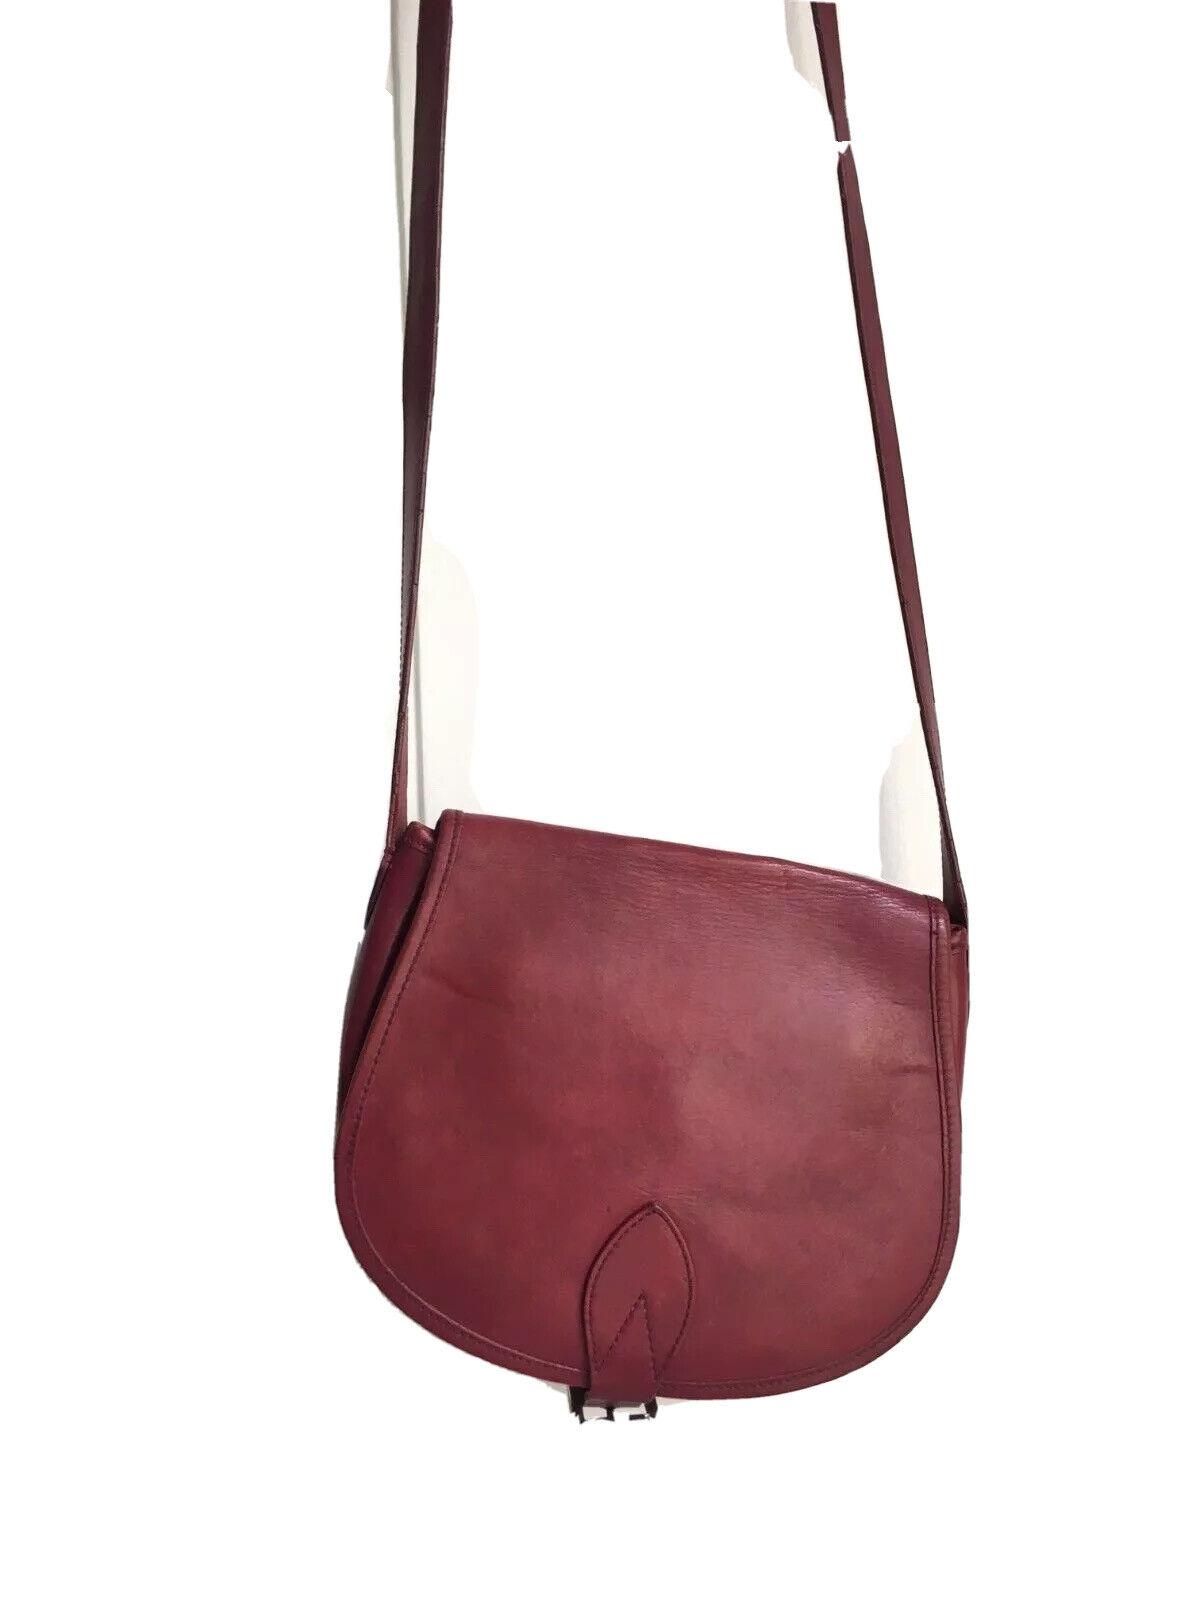 A.P.C Burgundy Red Leather Shoulder Bag - Half mo… - image 1